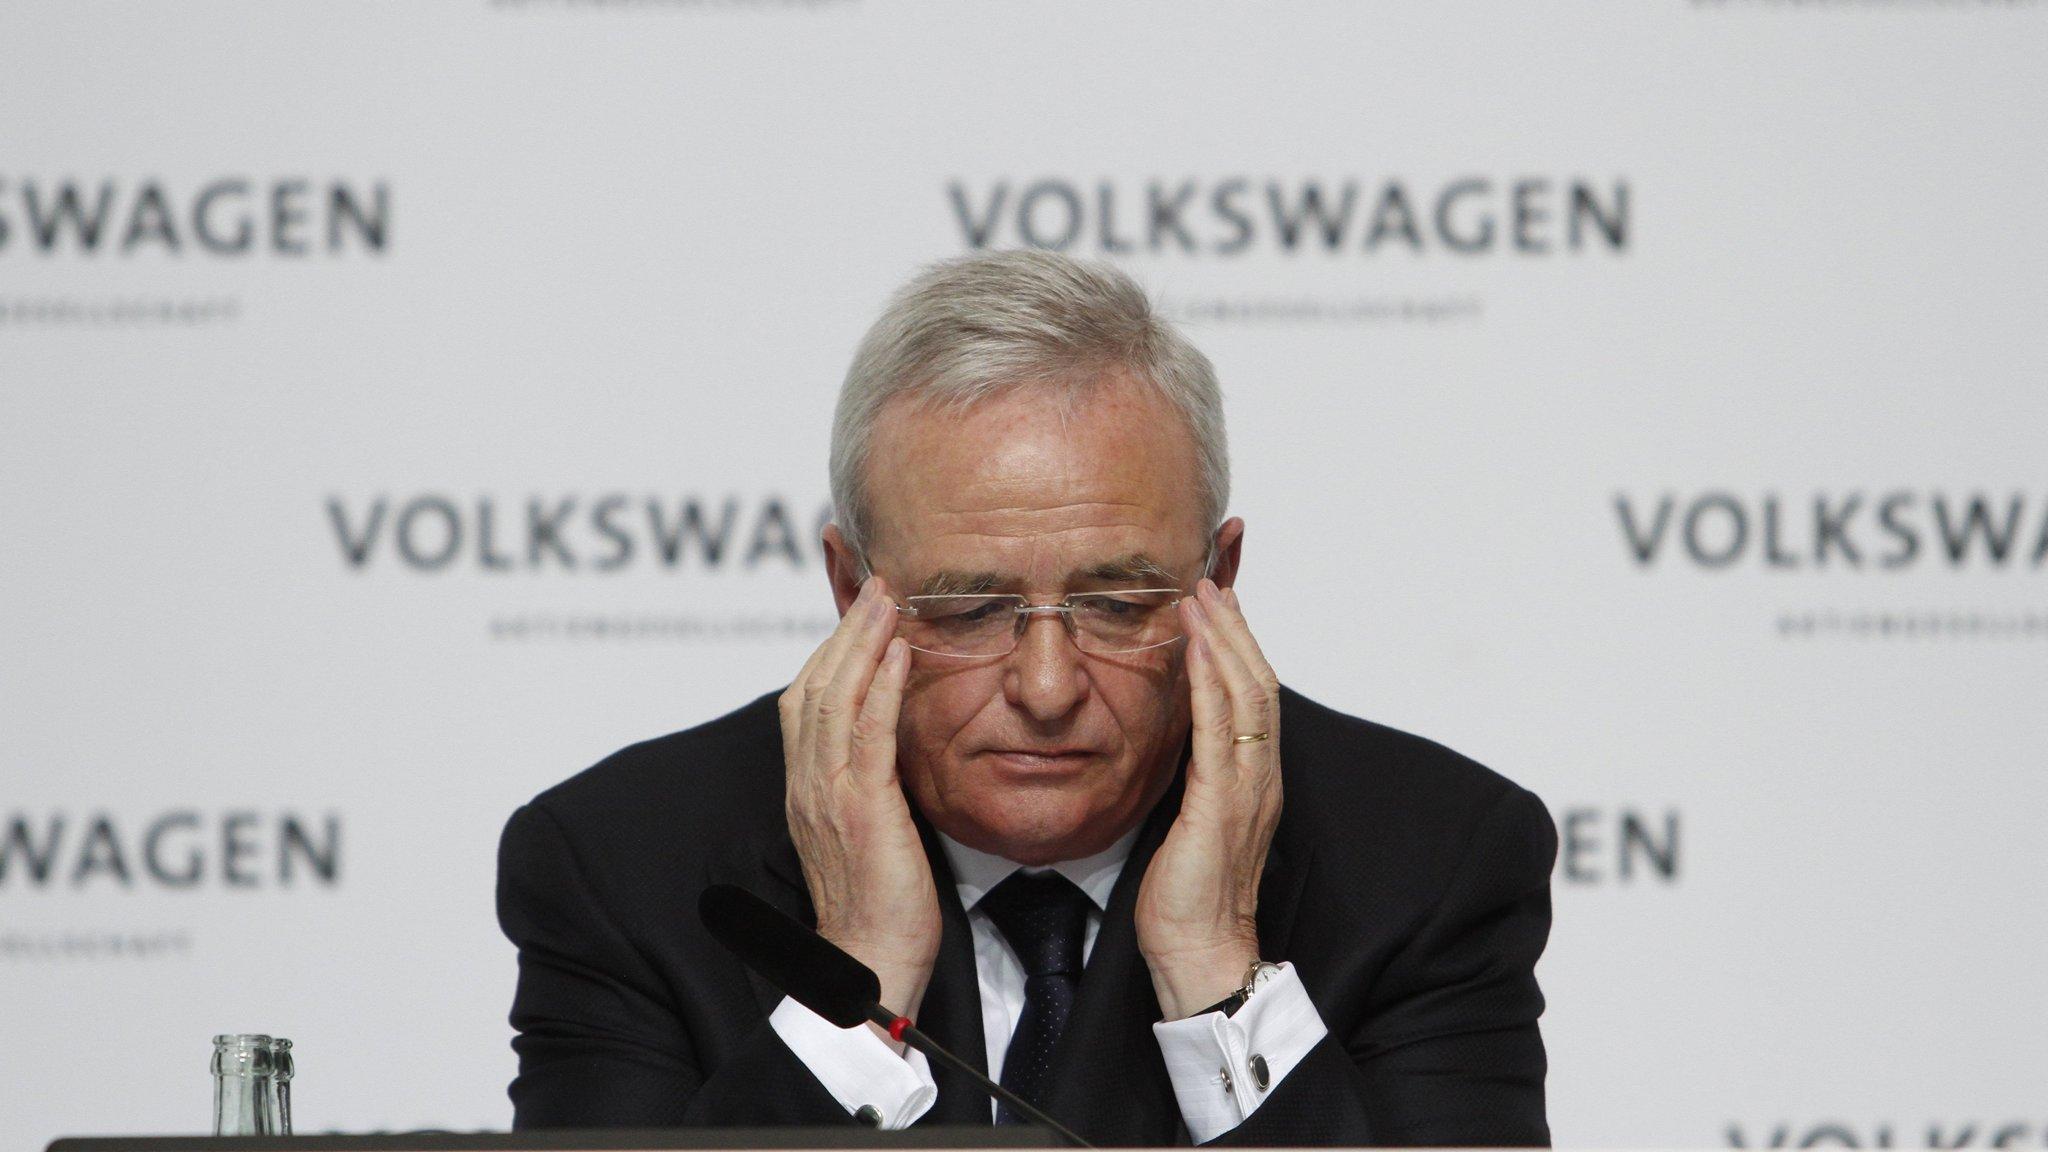 Podignuta optužnica protiv bivšeg šefa VW grupe Martina Vinterkorna